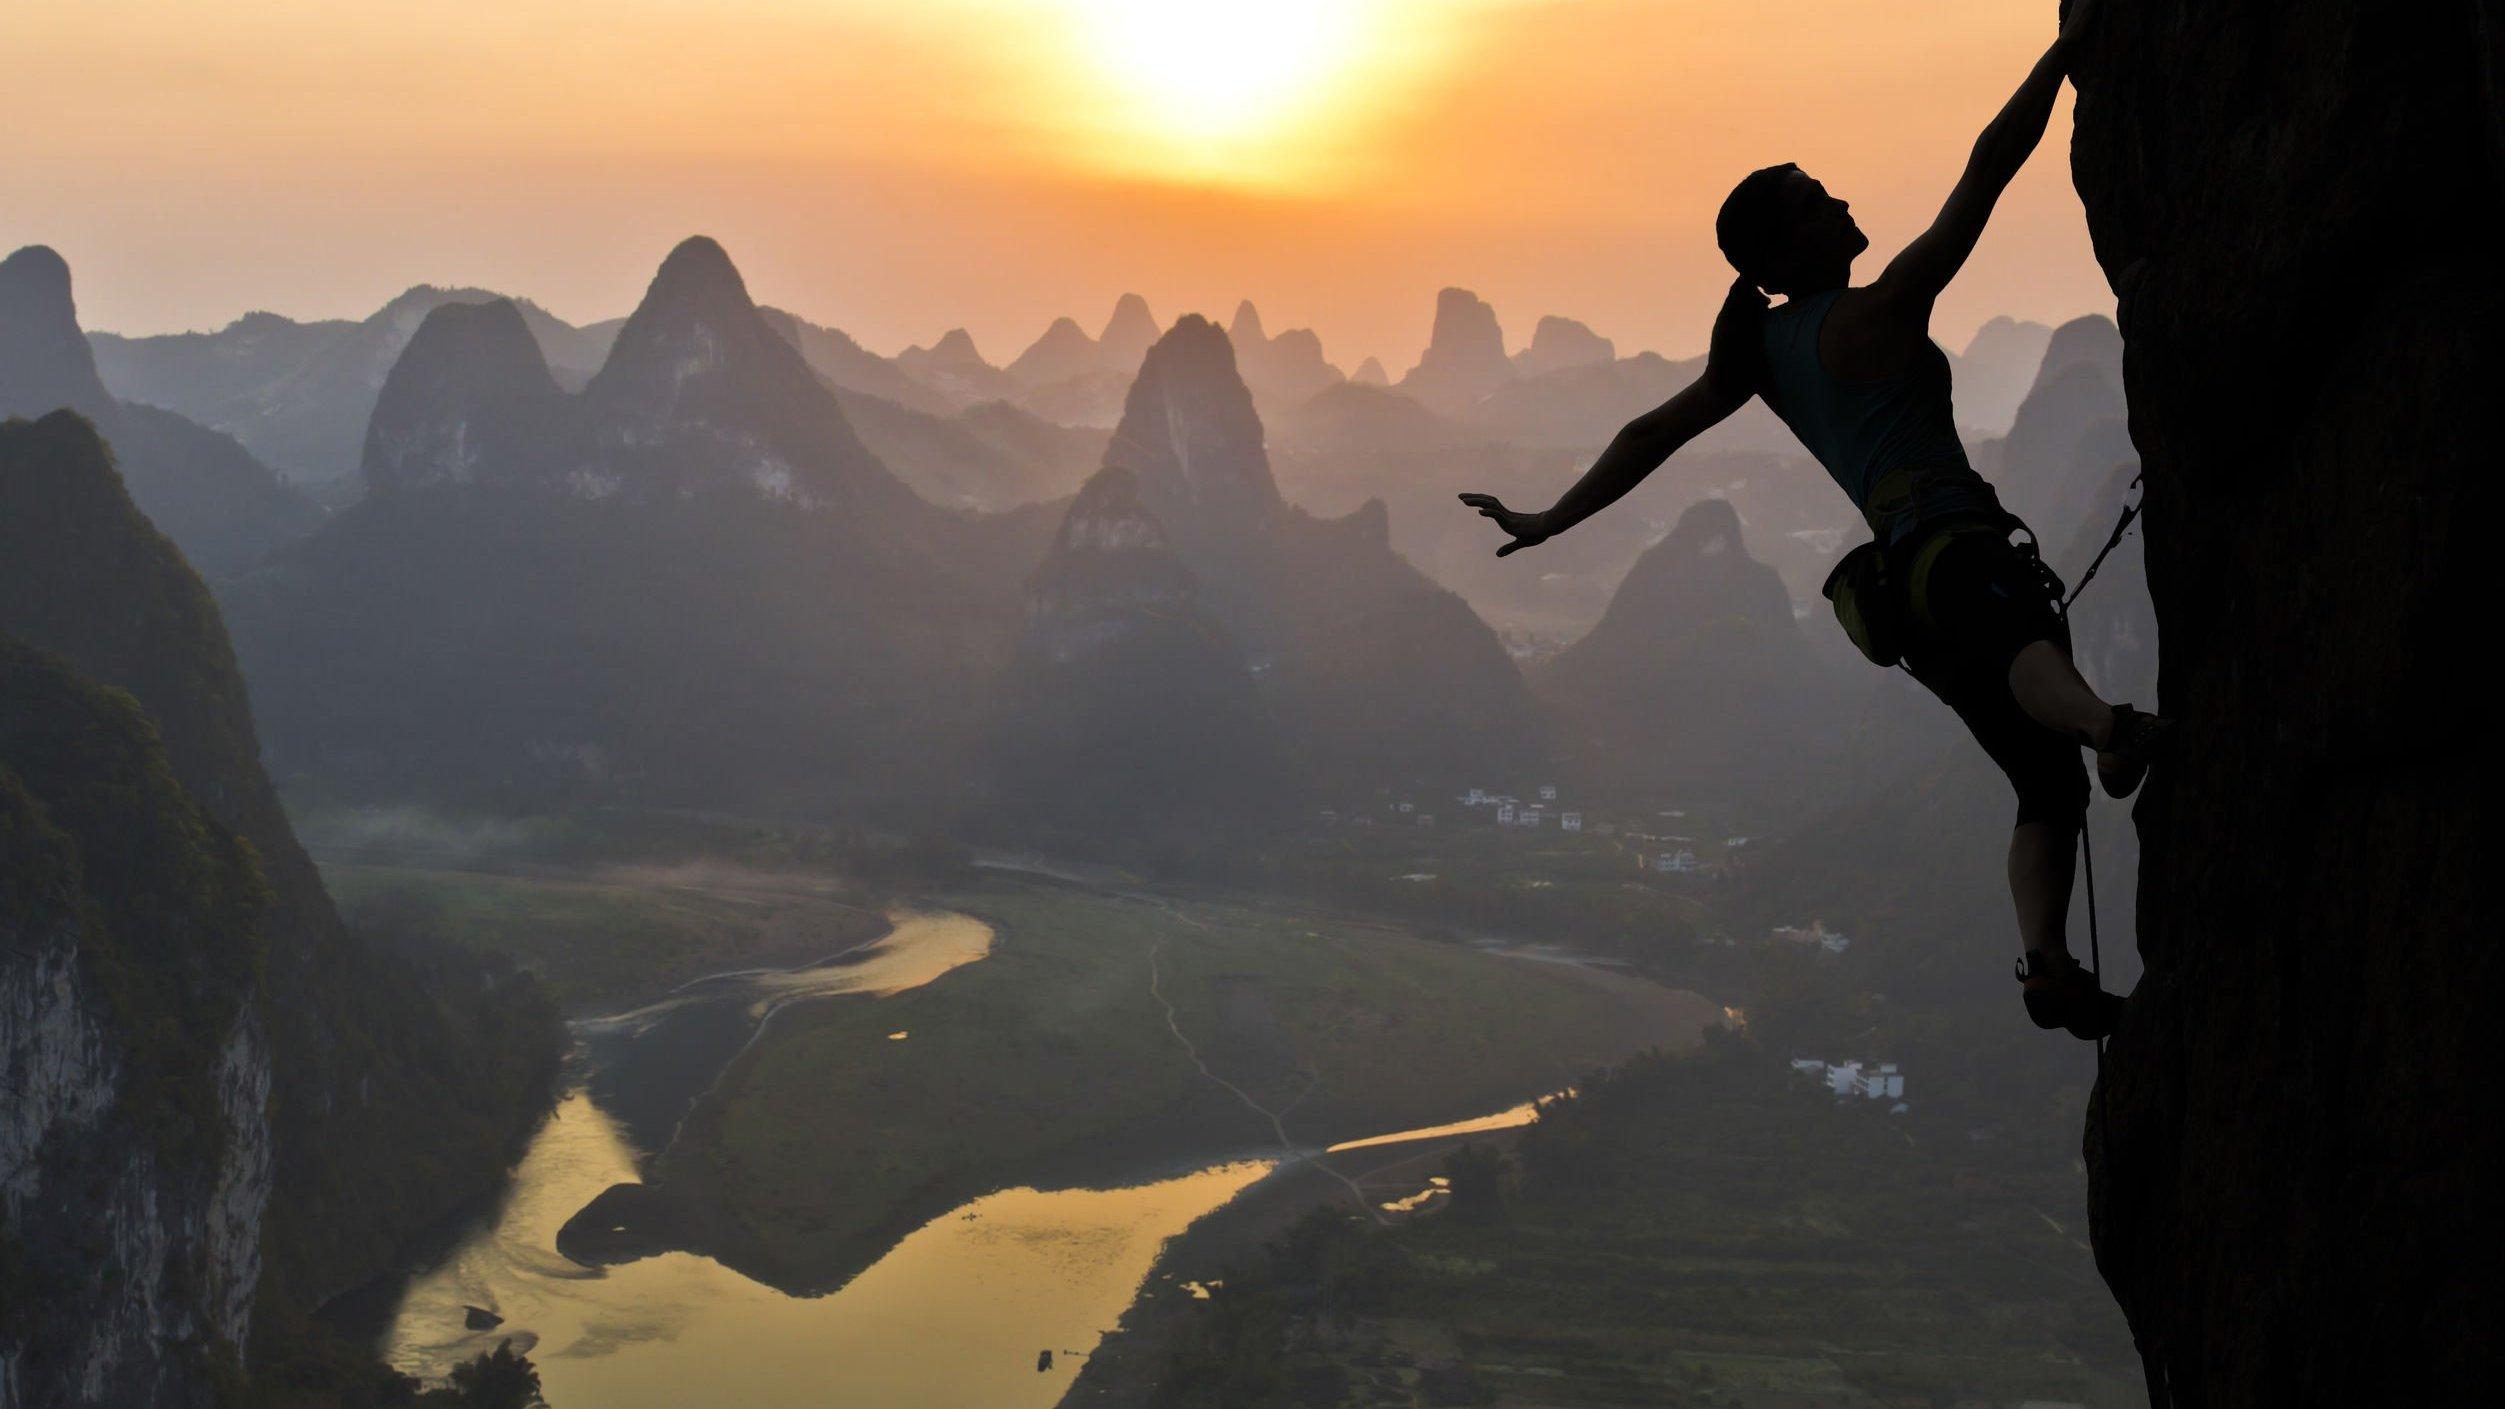 Silhueta de mulher escalando montanha no pôr-do-sol.